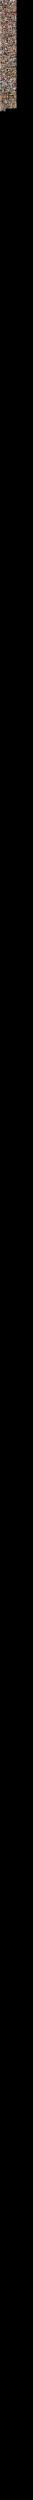 627-sfhdzf.png